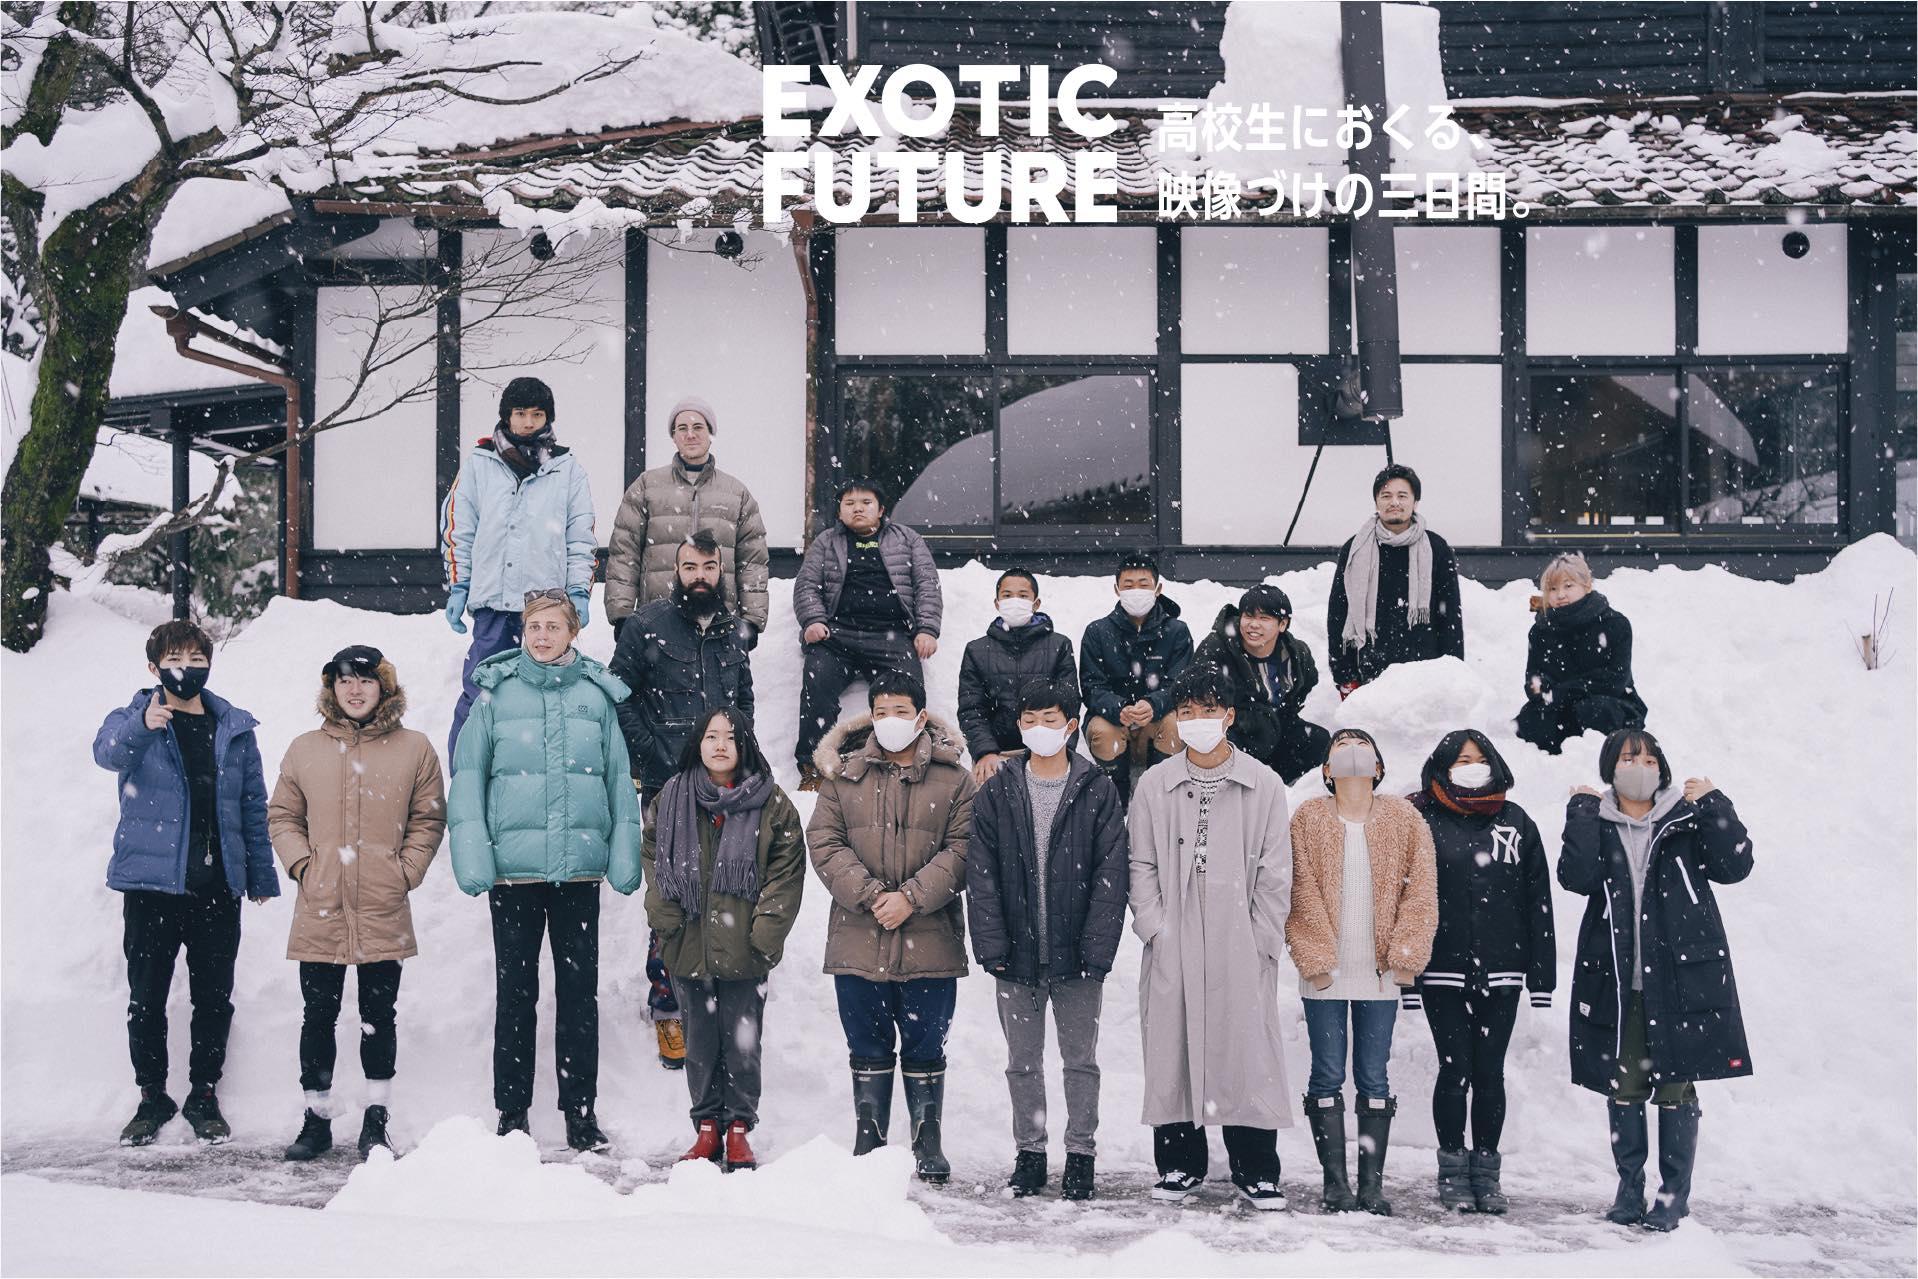 【開催報告】映像制作ワークショップEXOTIC FUTURE ~winter session~